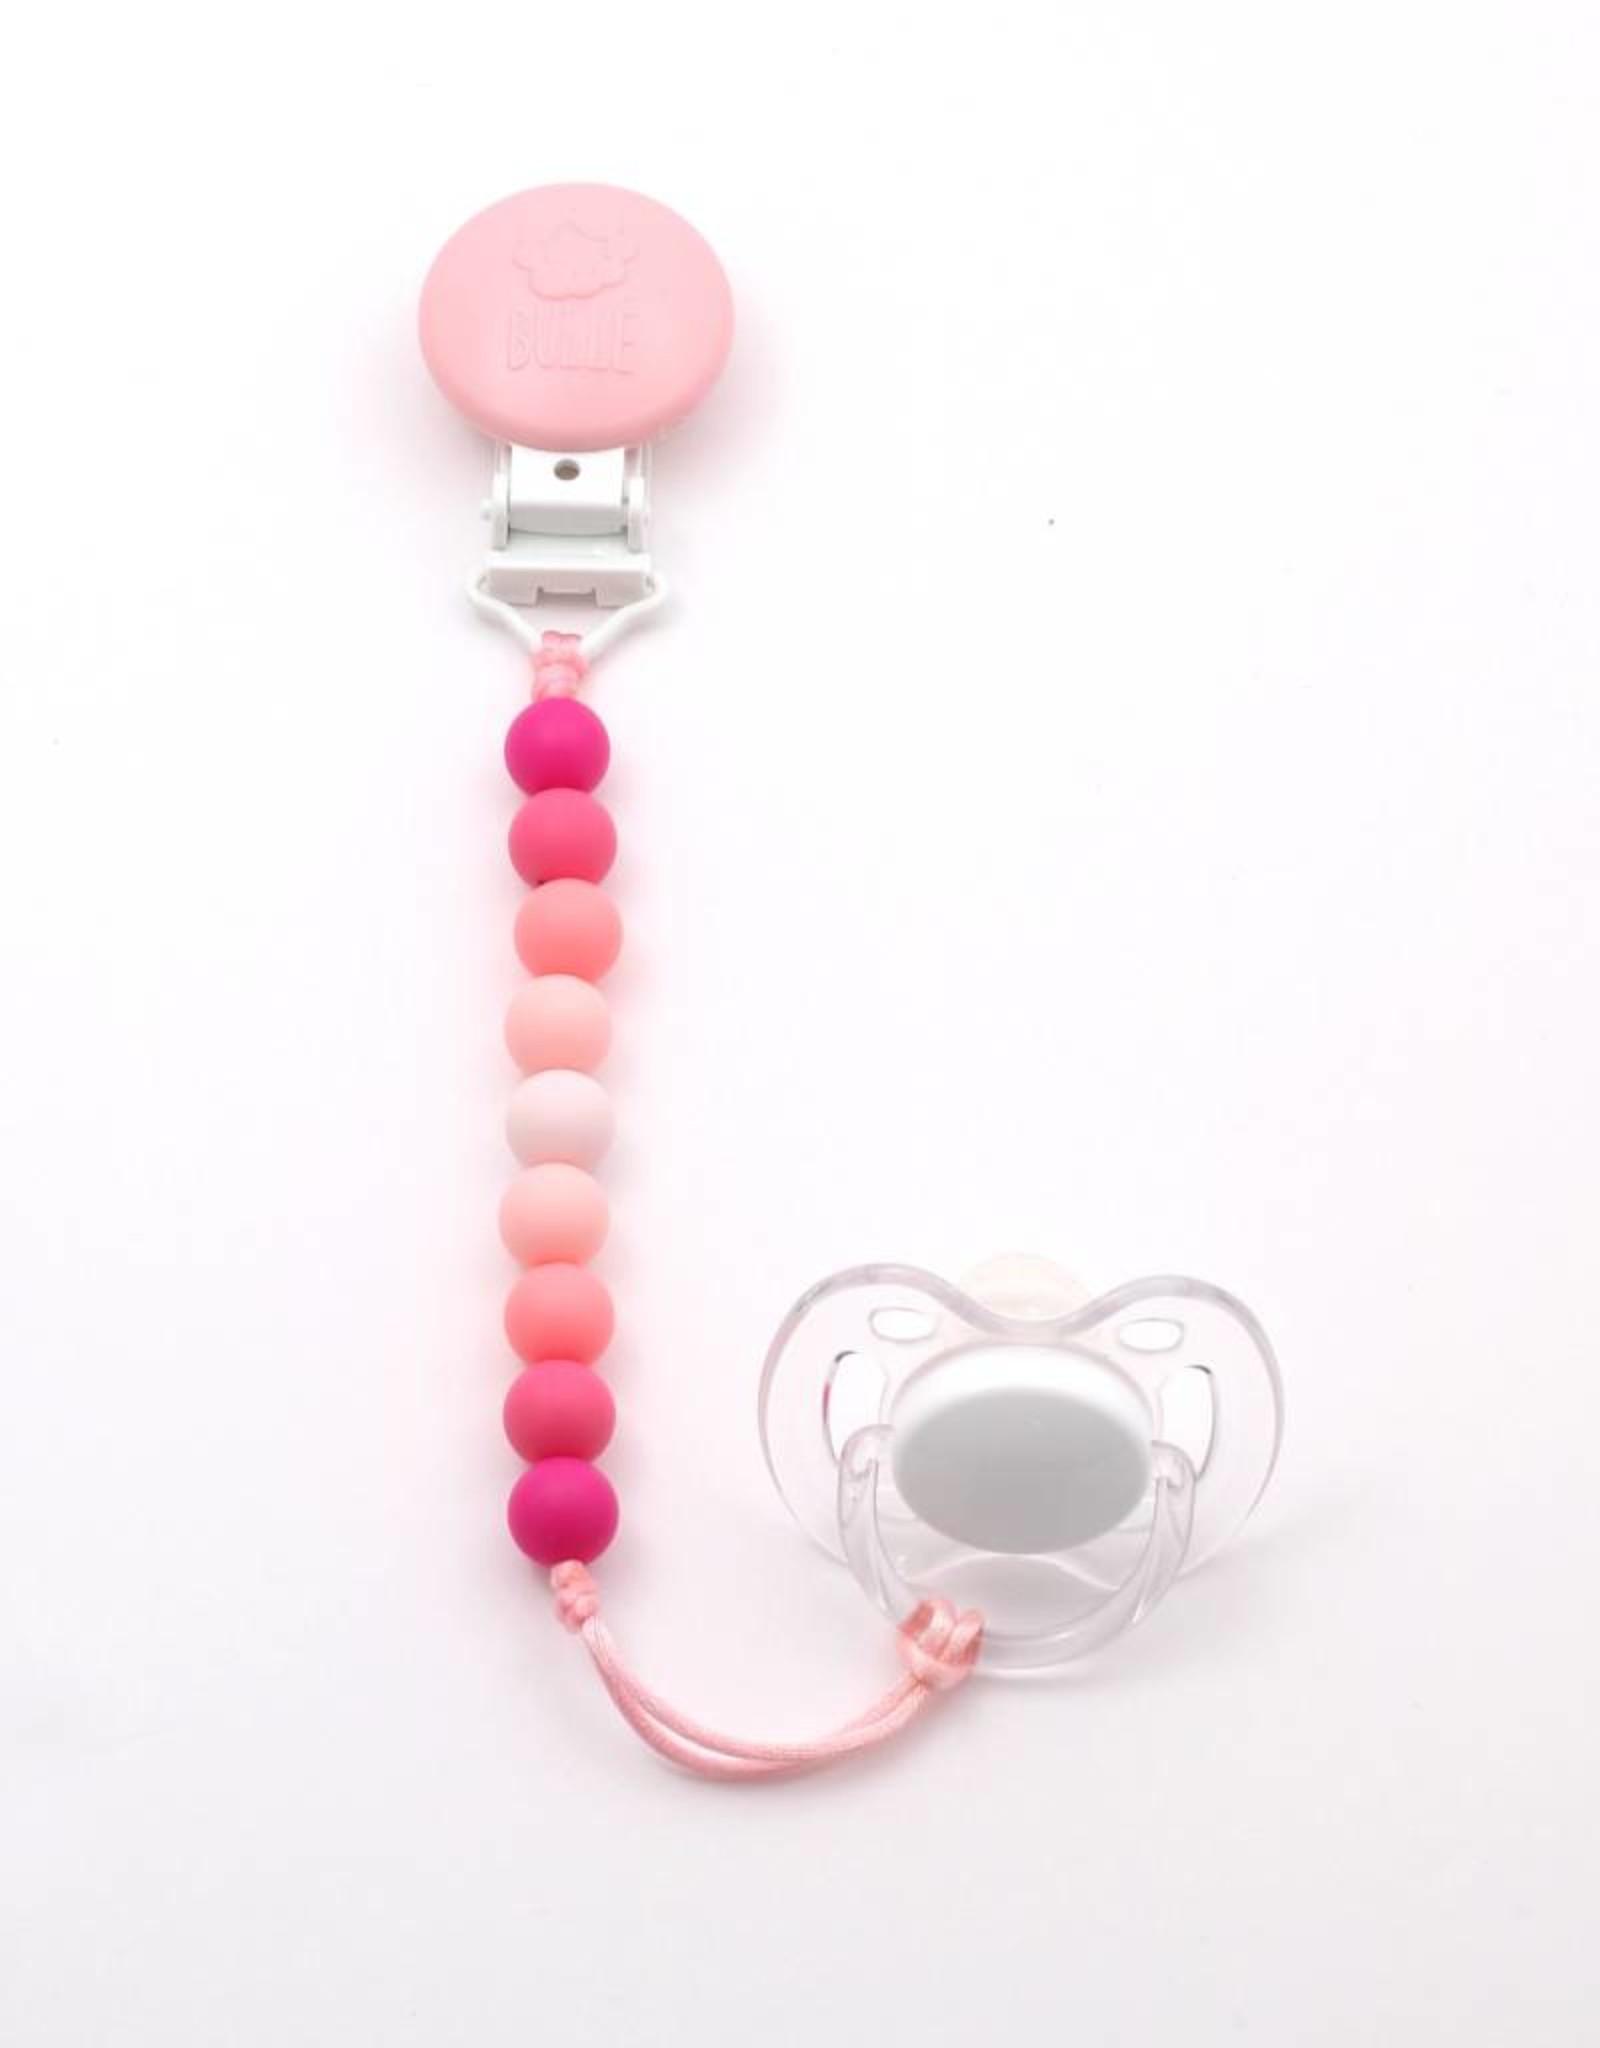 Bulle bijouterie Attache-suce mini - rose pastel, bonbon, bébé, sorbet et fuschia